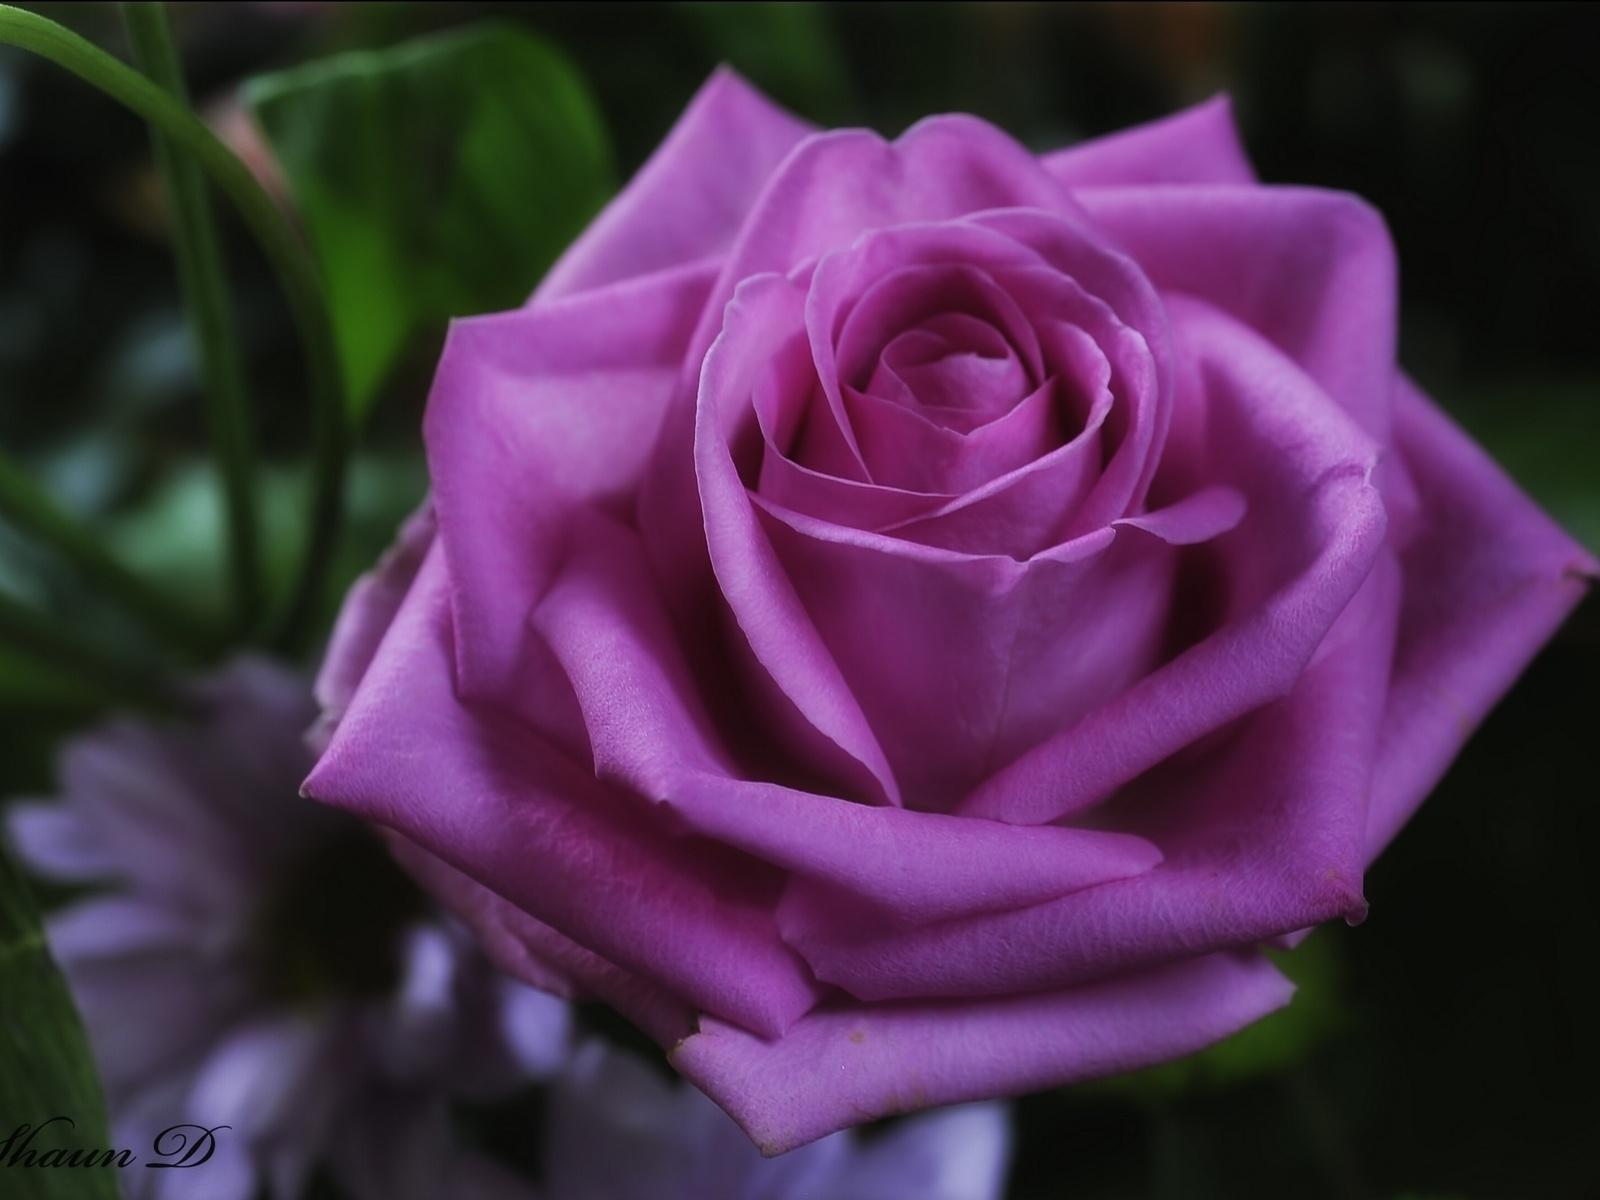 Galería de Imágenes y Fotos Bonitas: Hermosas rosas lilas para ...